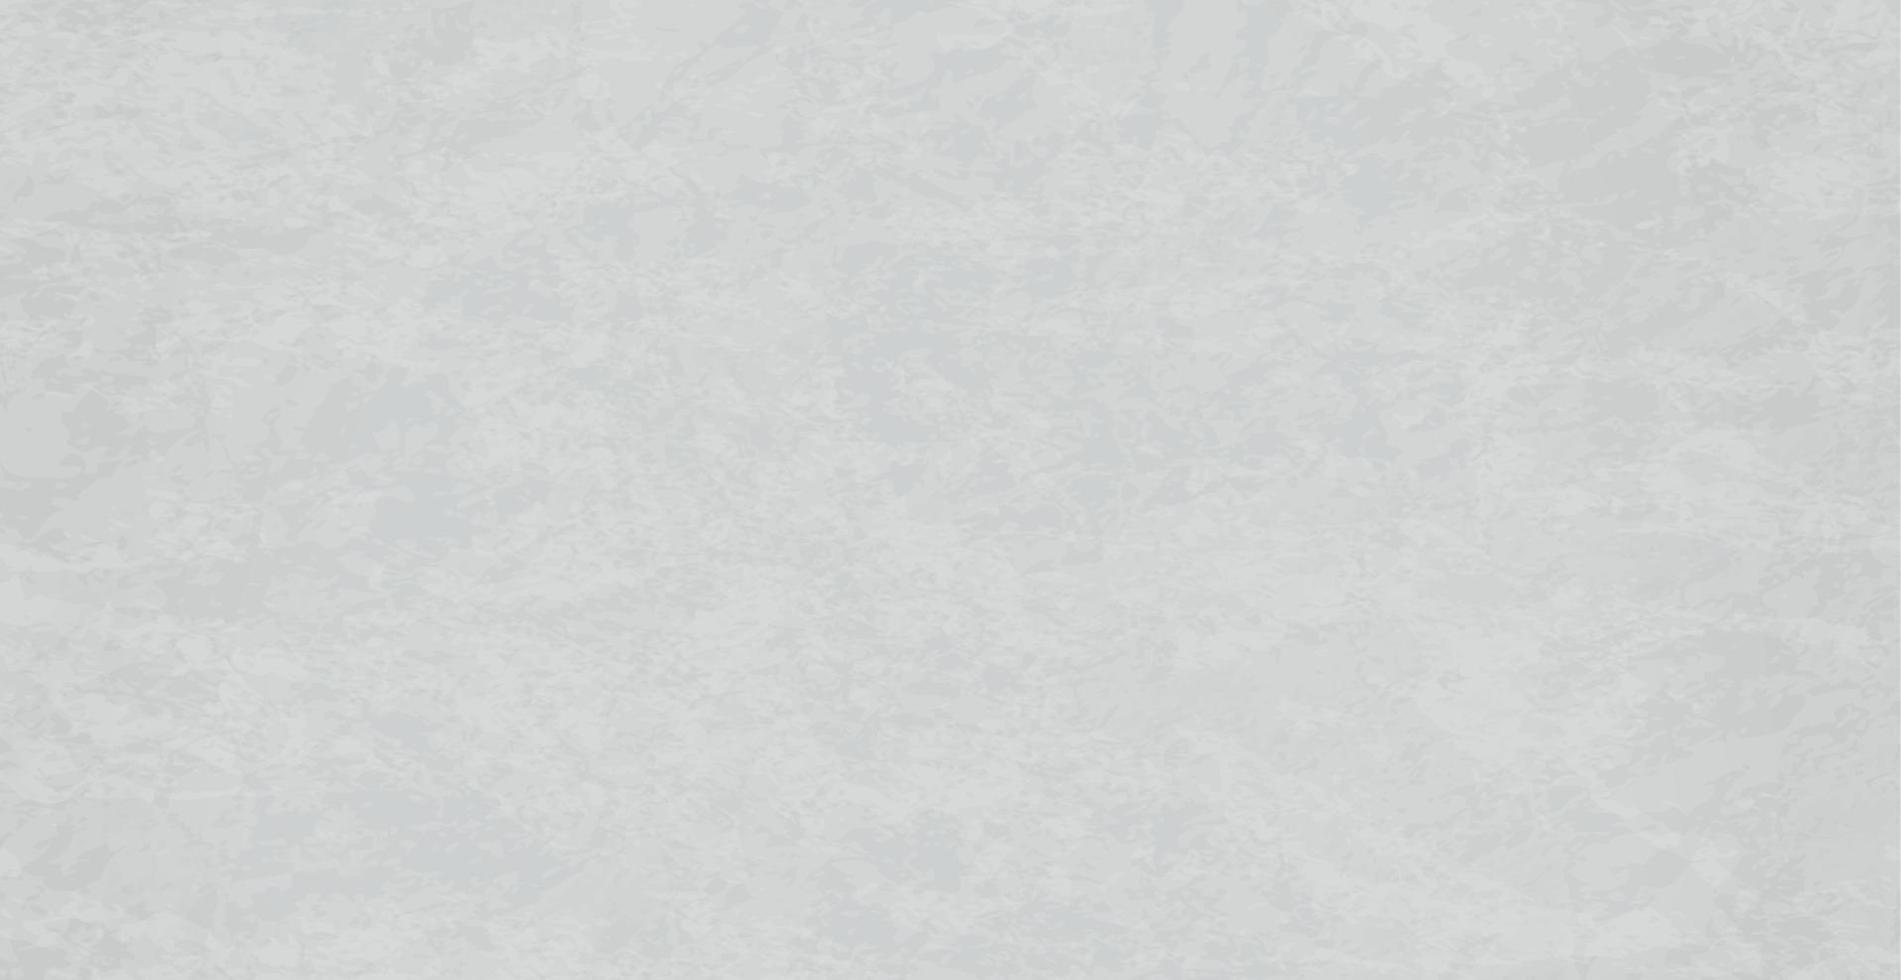 fond web grunge texturé abstrait blanc - vecteur